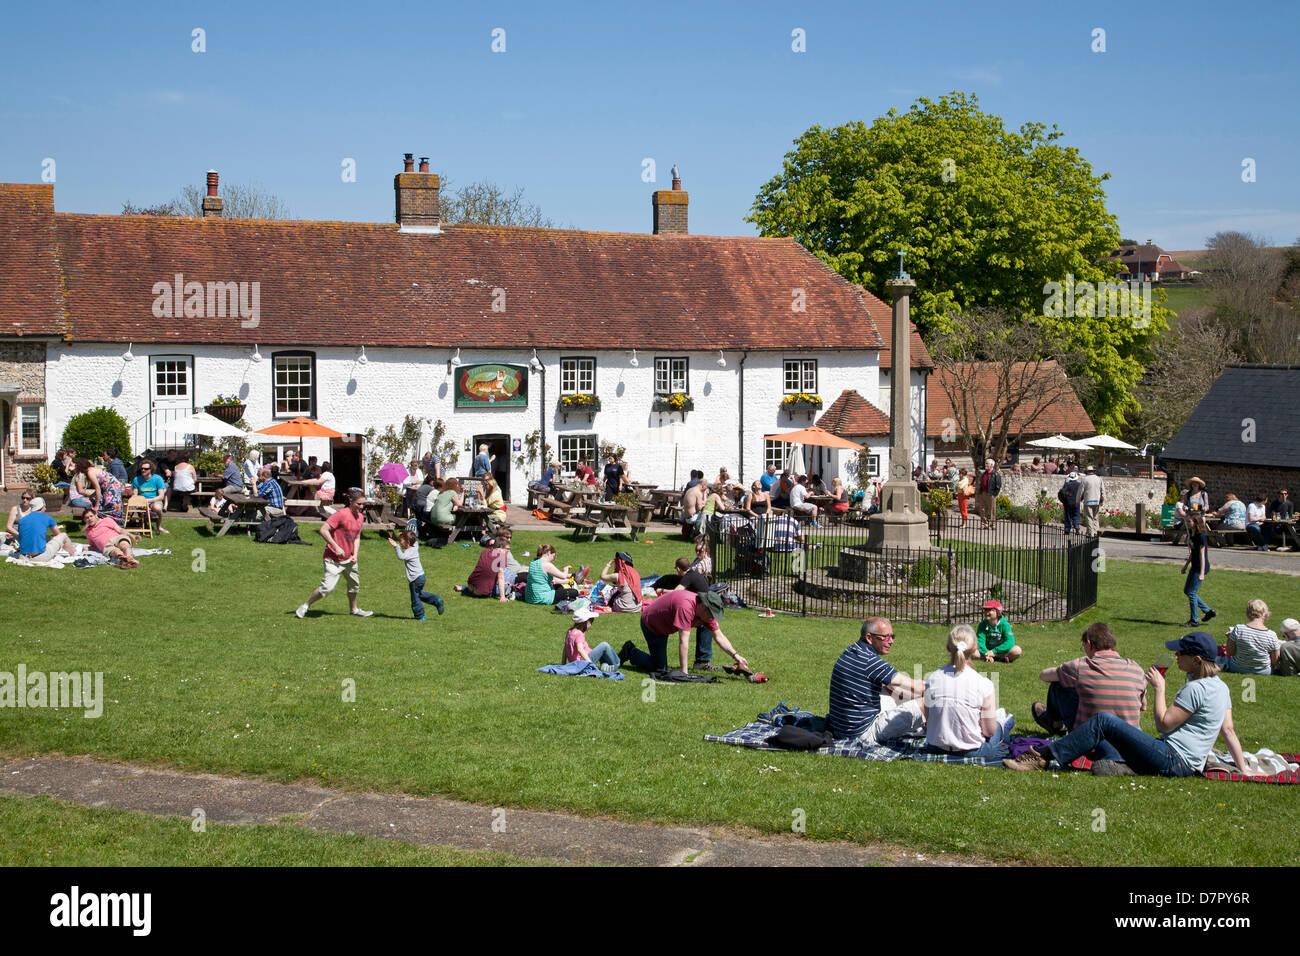 Le pub du village anglais le Tigre à l'East Dean, East Sussex. Occupé sur un jour férié Photo Stock